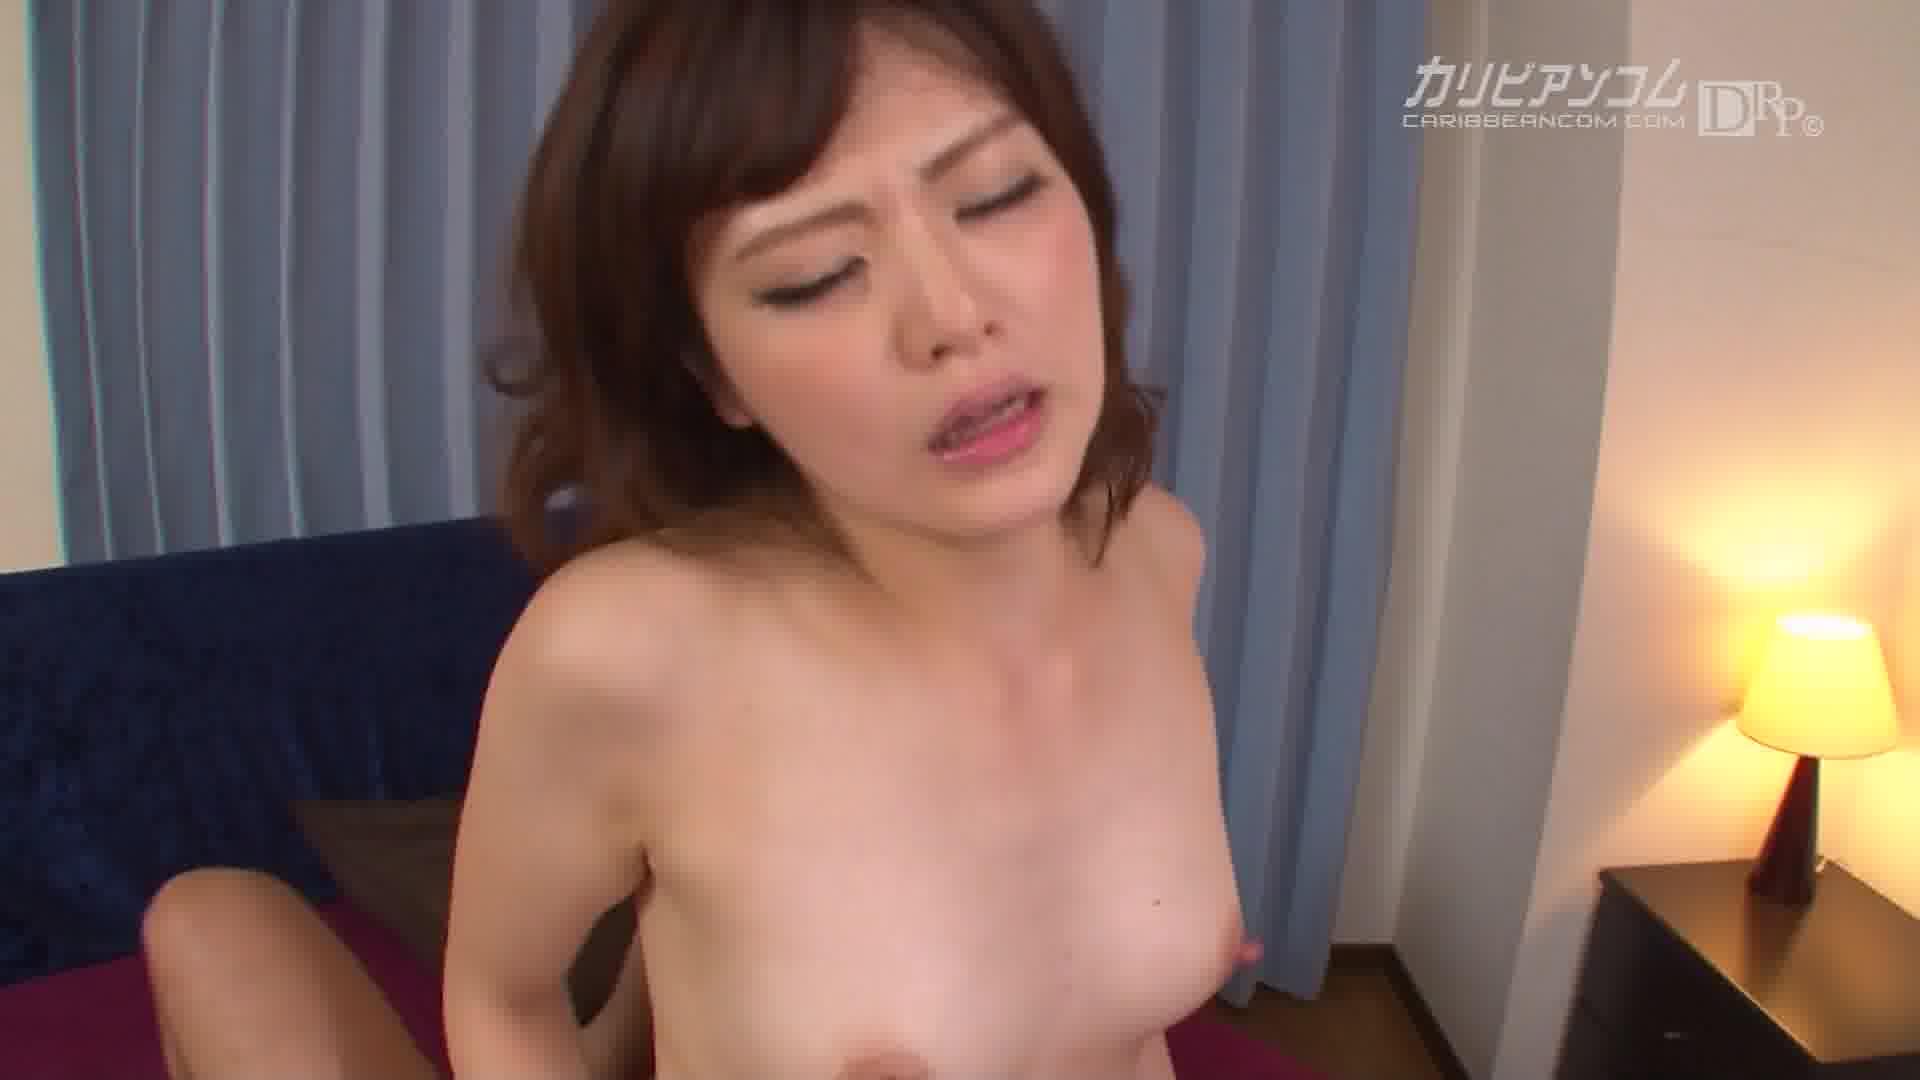 鬼イキトランス10 - 櫻井ともか【乱交・クスコ・中出し】